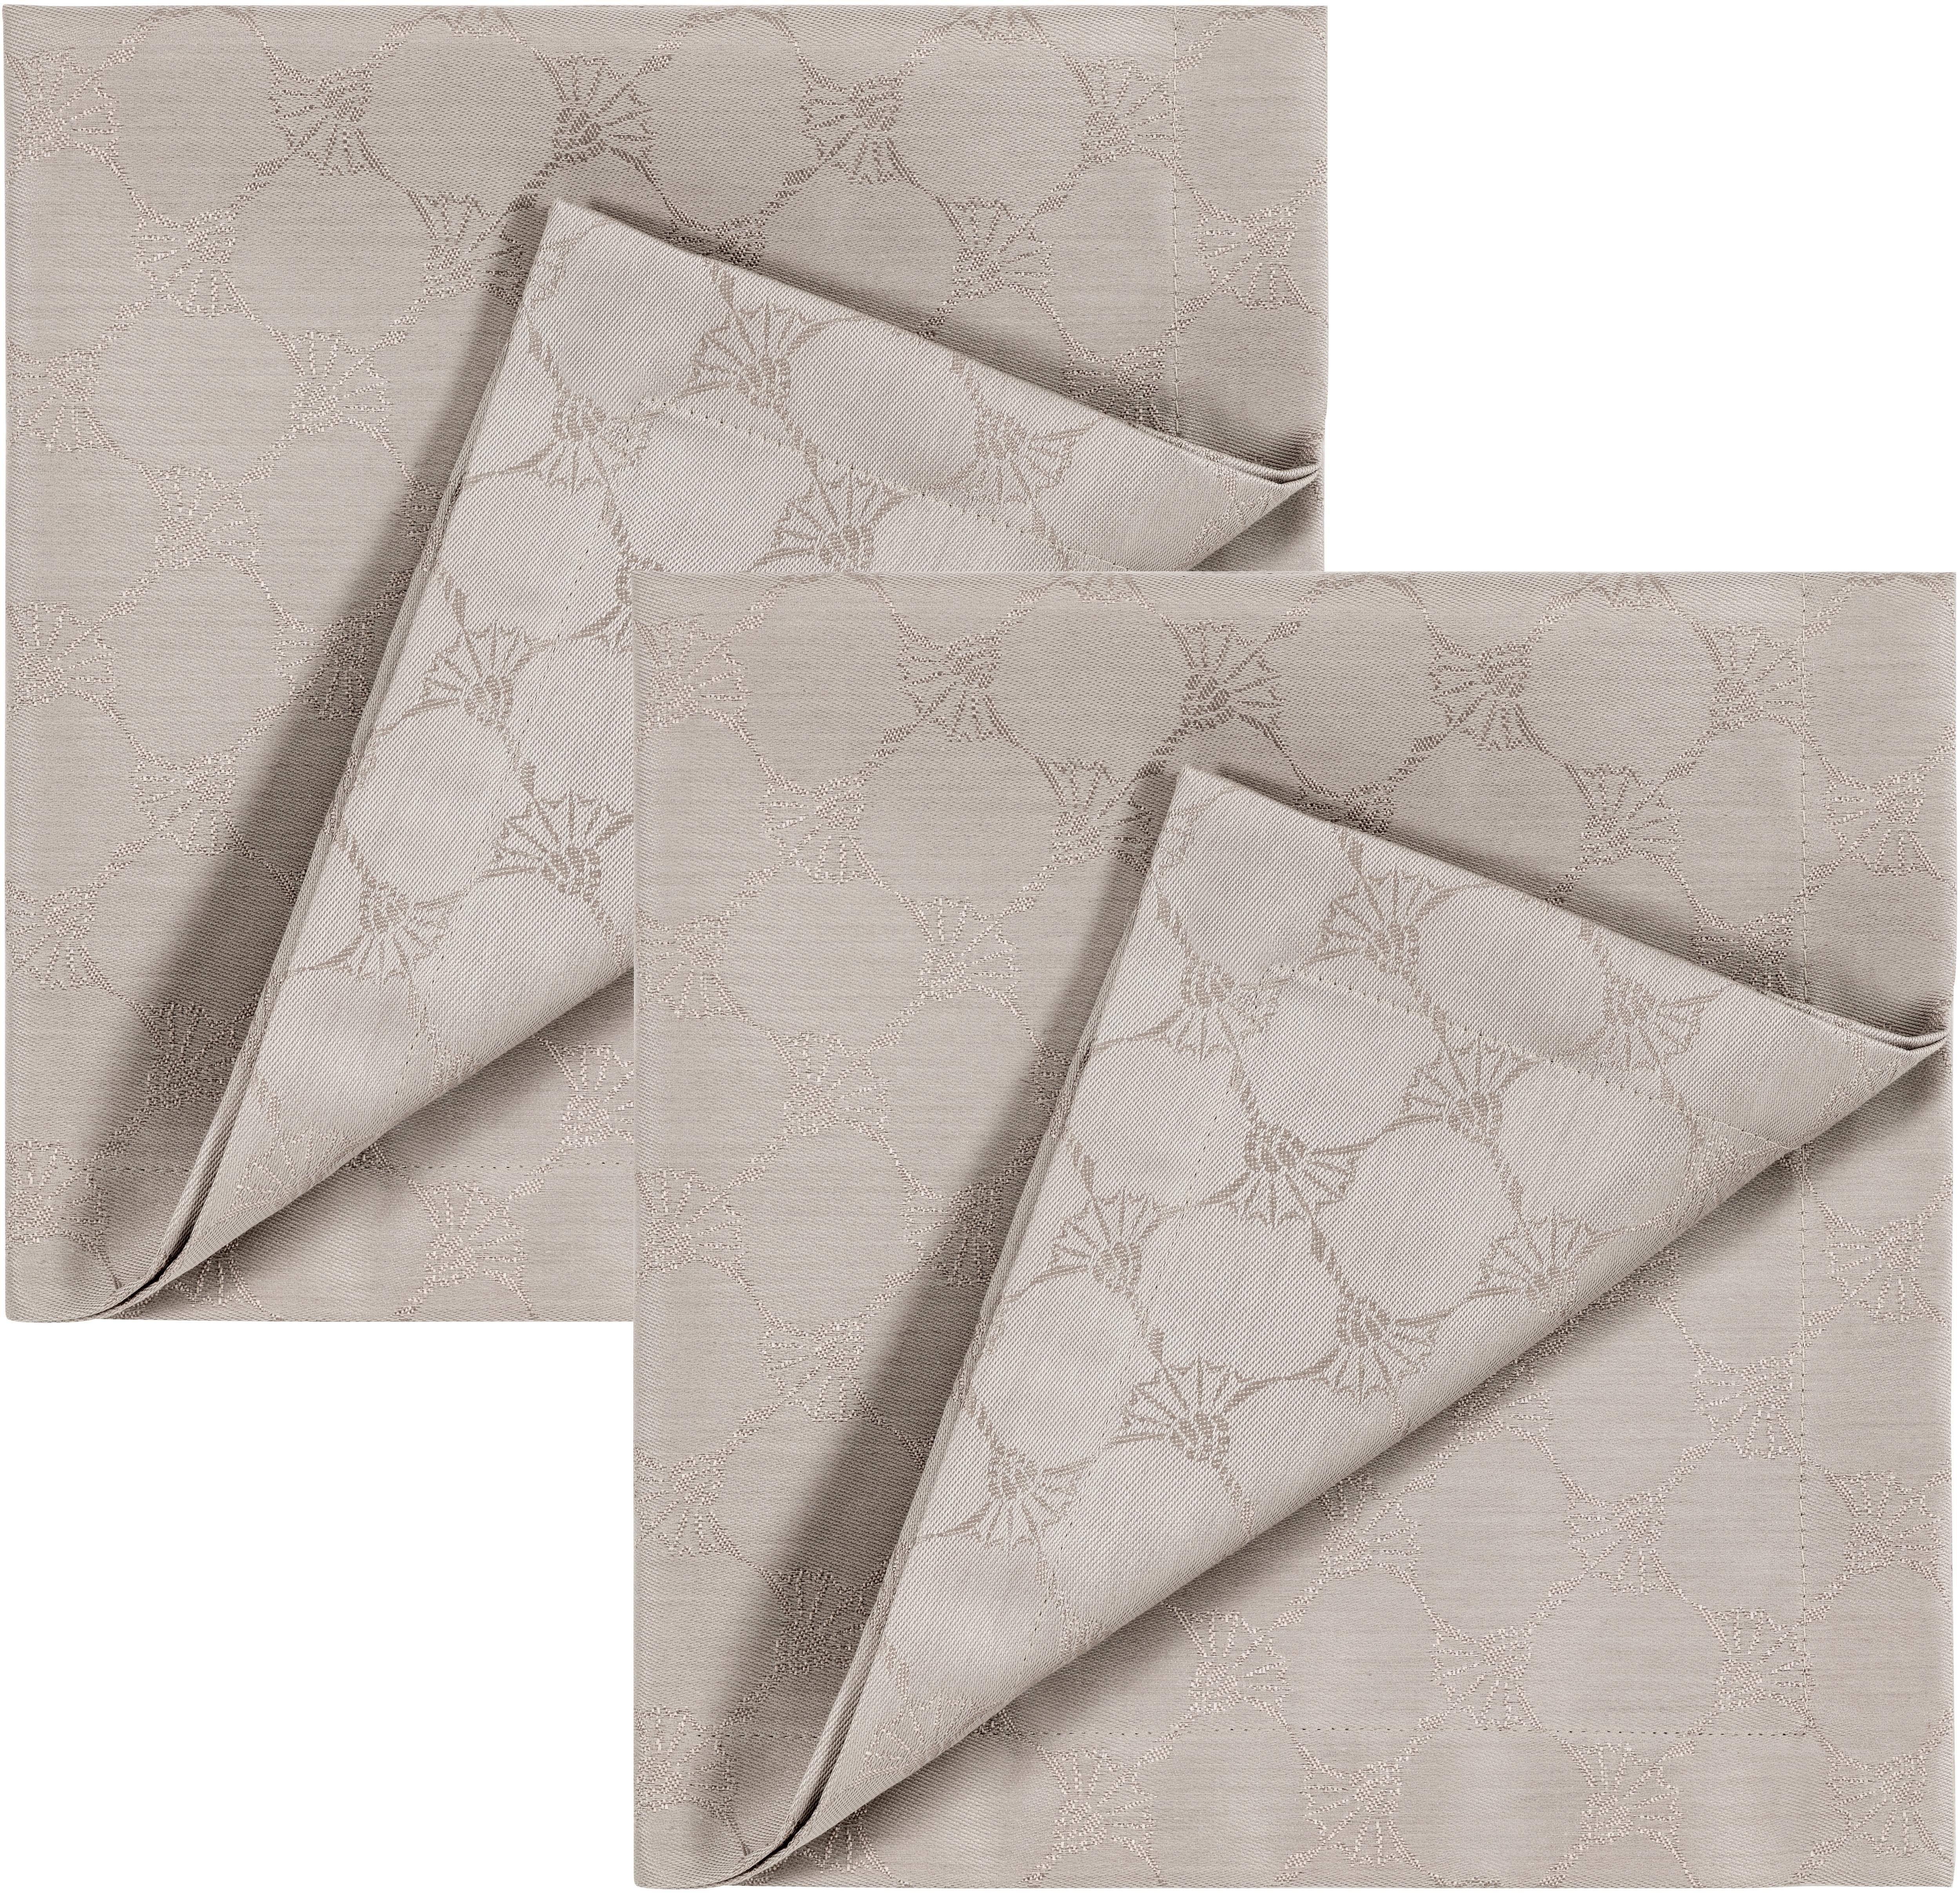 Joop! Joop Stoffserviette CORNFLOWER ALLOVER, (Set, 2 St.), Aus Jacquard-Gewebe gerfertigt mit Kornblumen-Allover-Muster beige Stoffservietten Tischwäsche